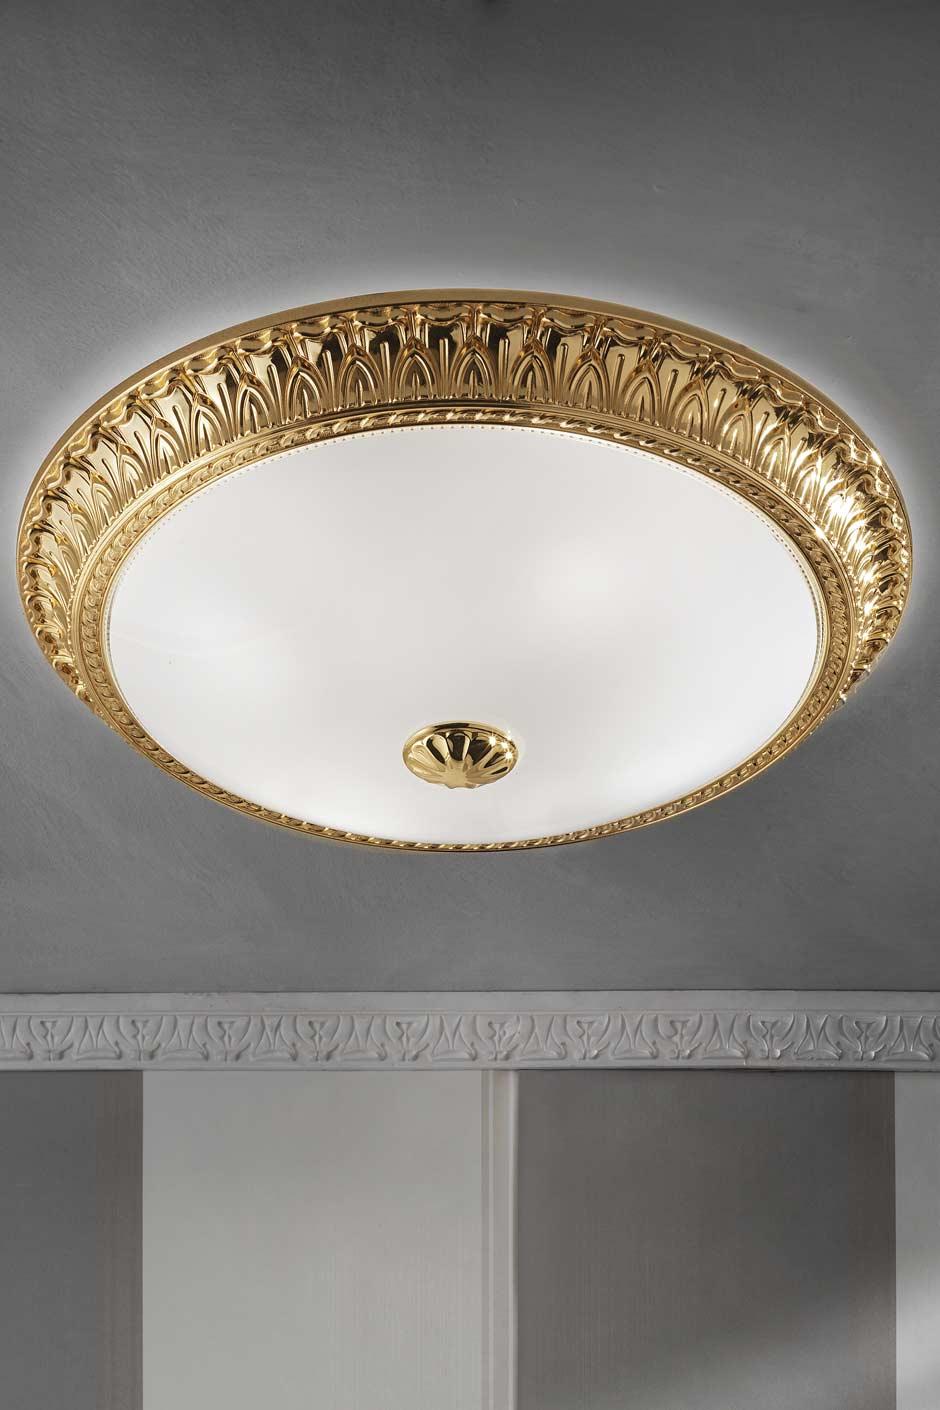 grand plafonnier rond bronze dor motif festons masiero sp cialiste du lustre en cristal et. Black Bedroom Furniture Sets. Home Design Ideas